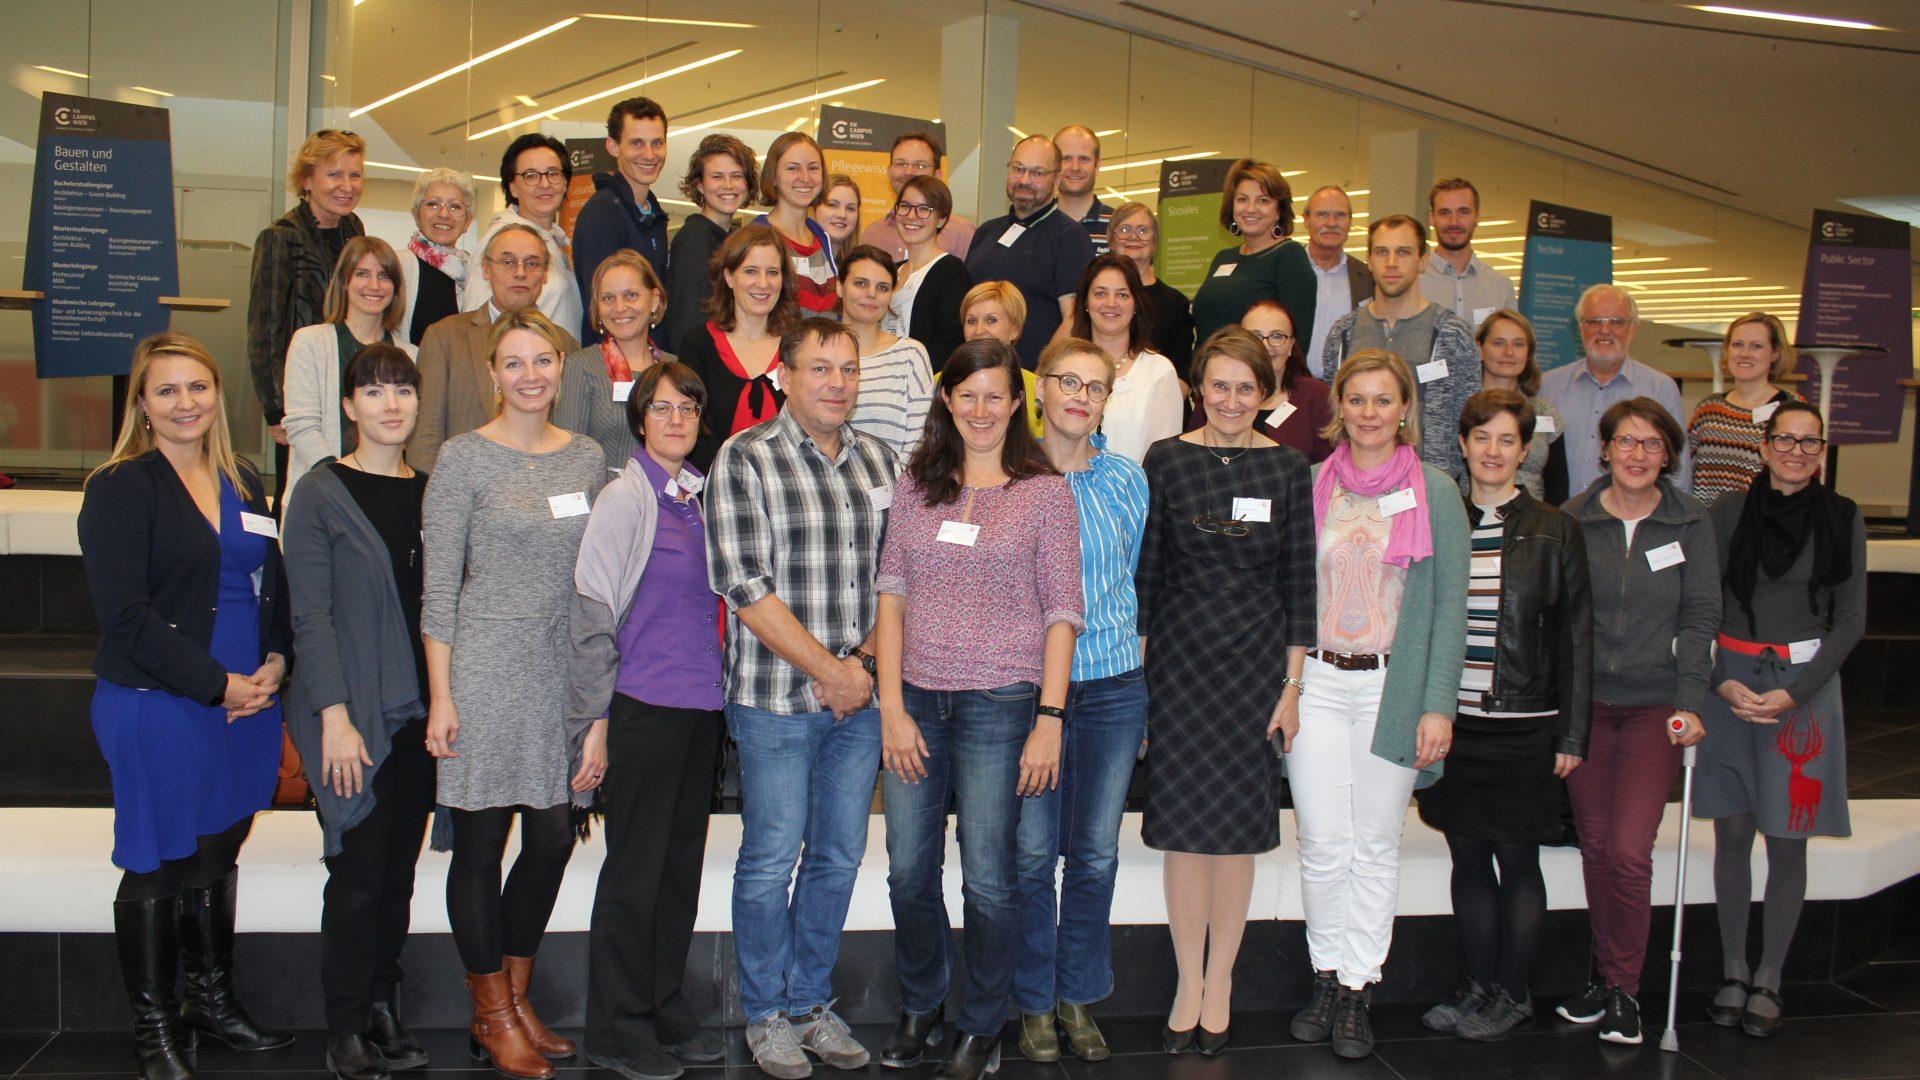 Gruppenfoto 3. Treffen © FH Campus Wien Schildendorfer